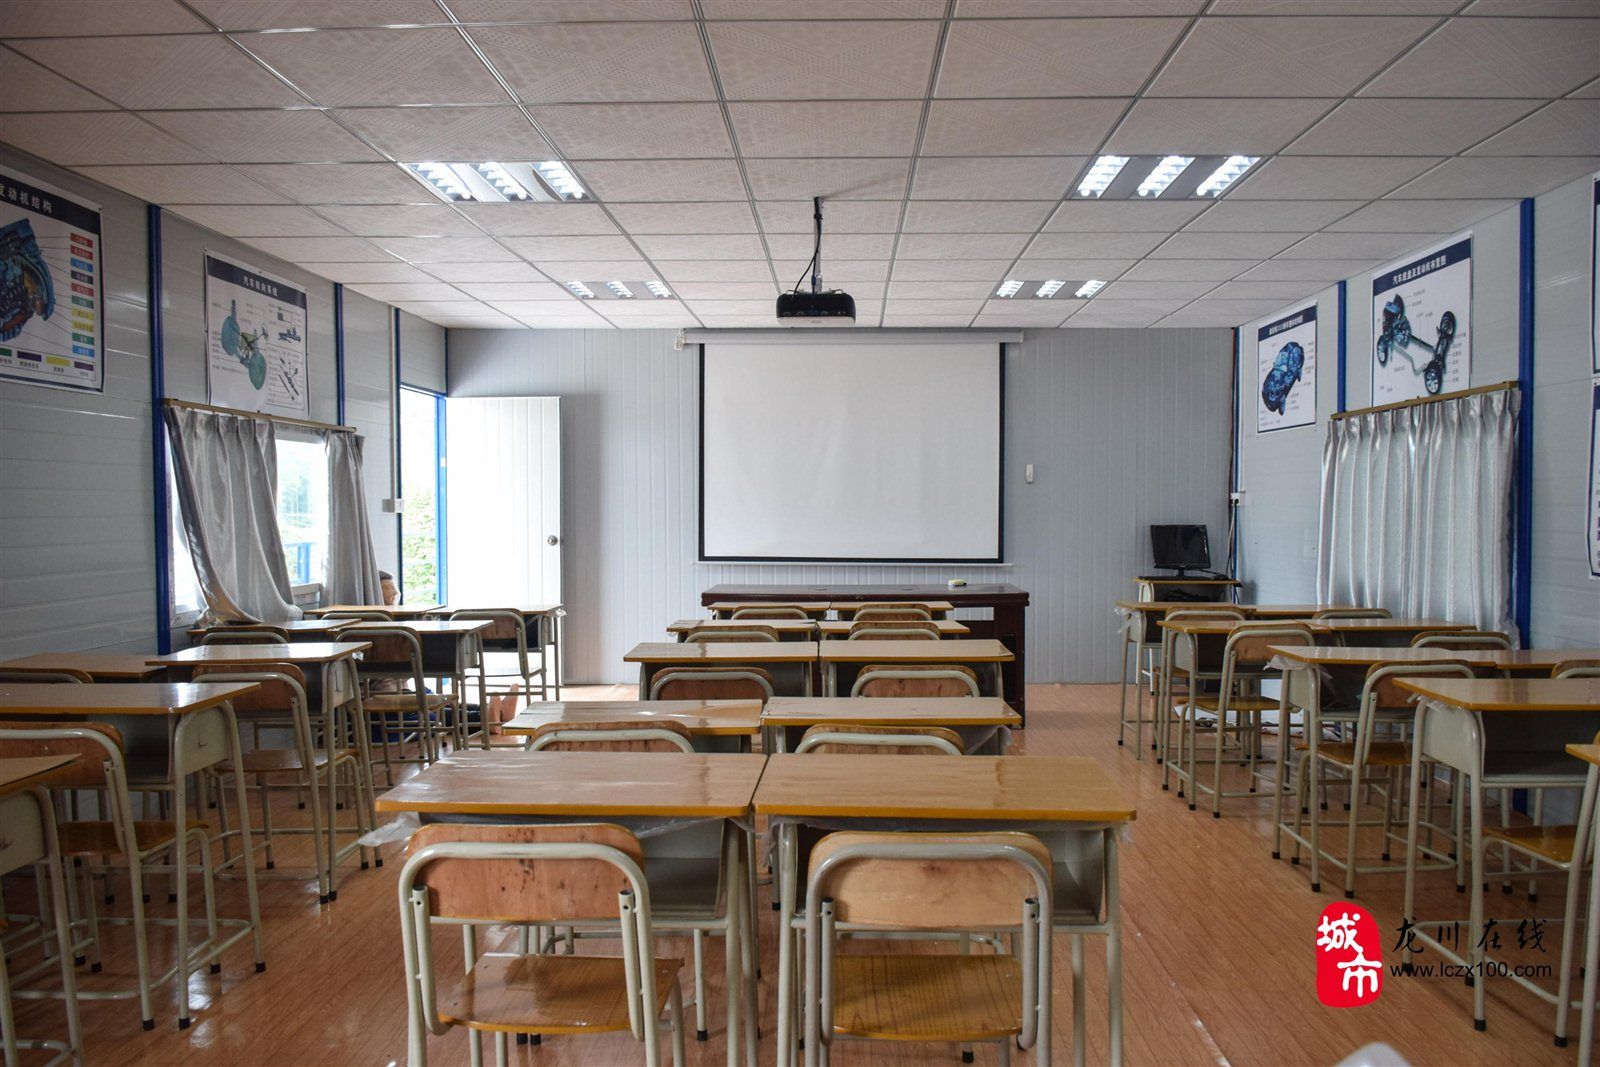 教室安电扇电路图